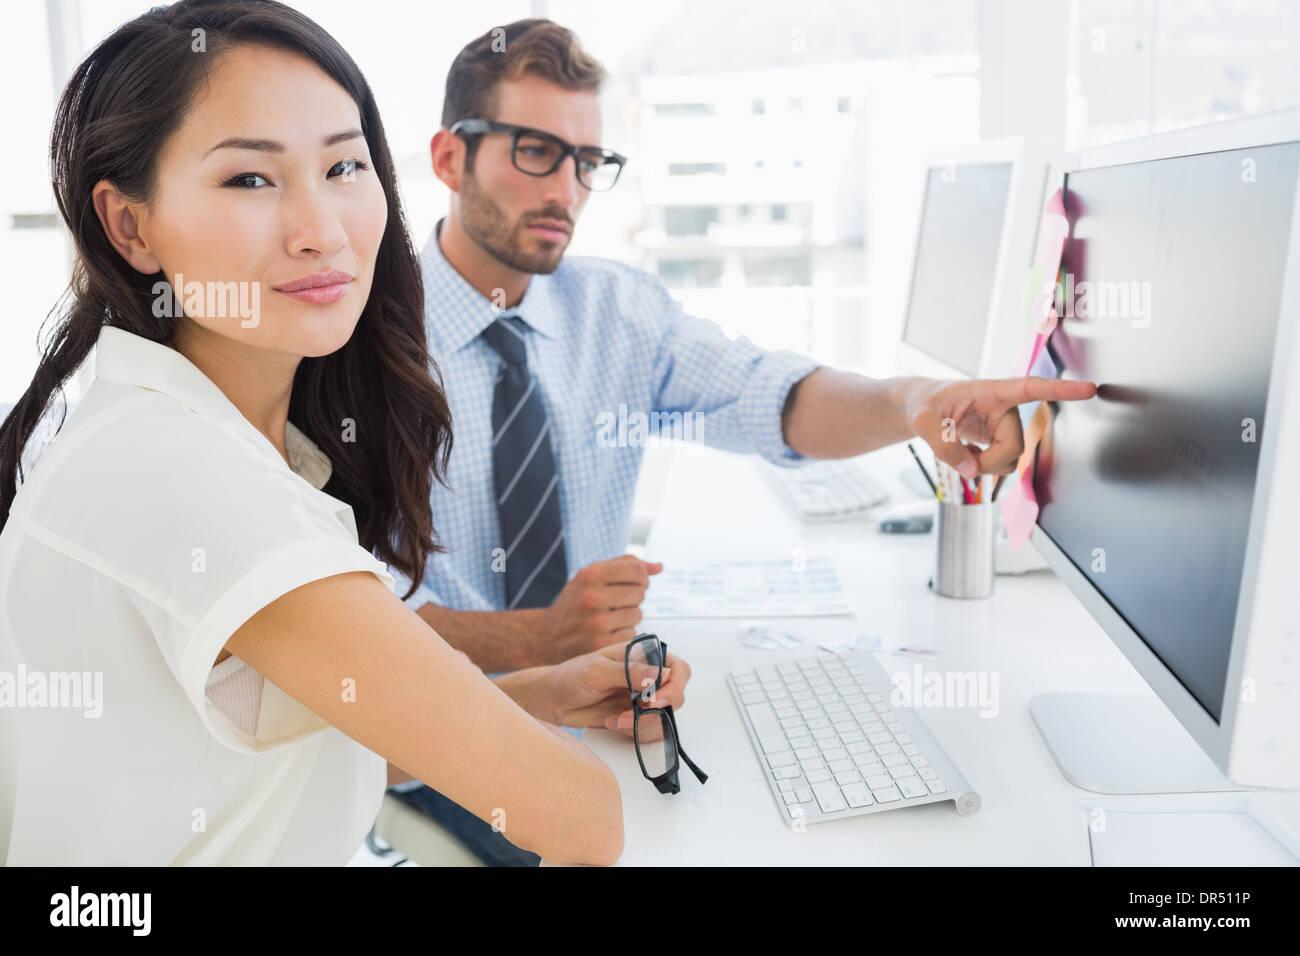 Vista lateral de editores fotográficos ocasionales trabajando en equipo Imagen De Stock